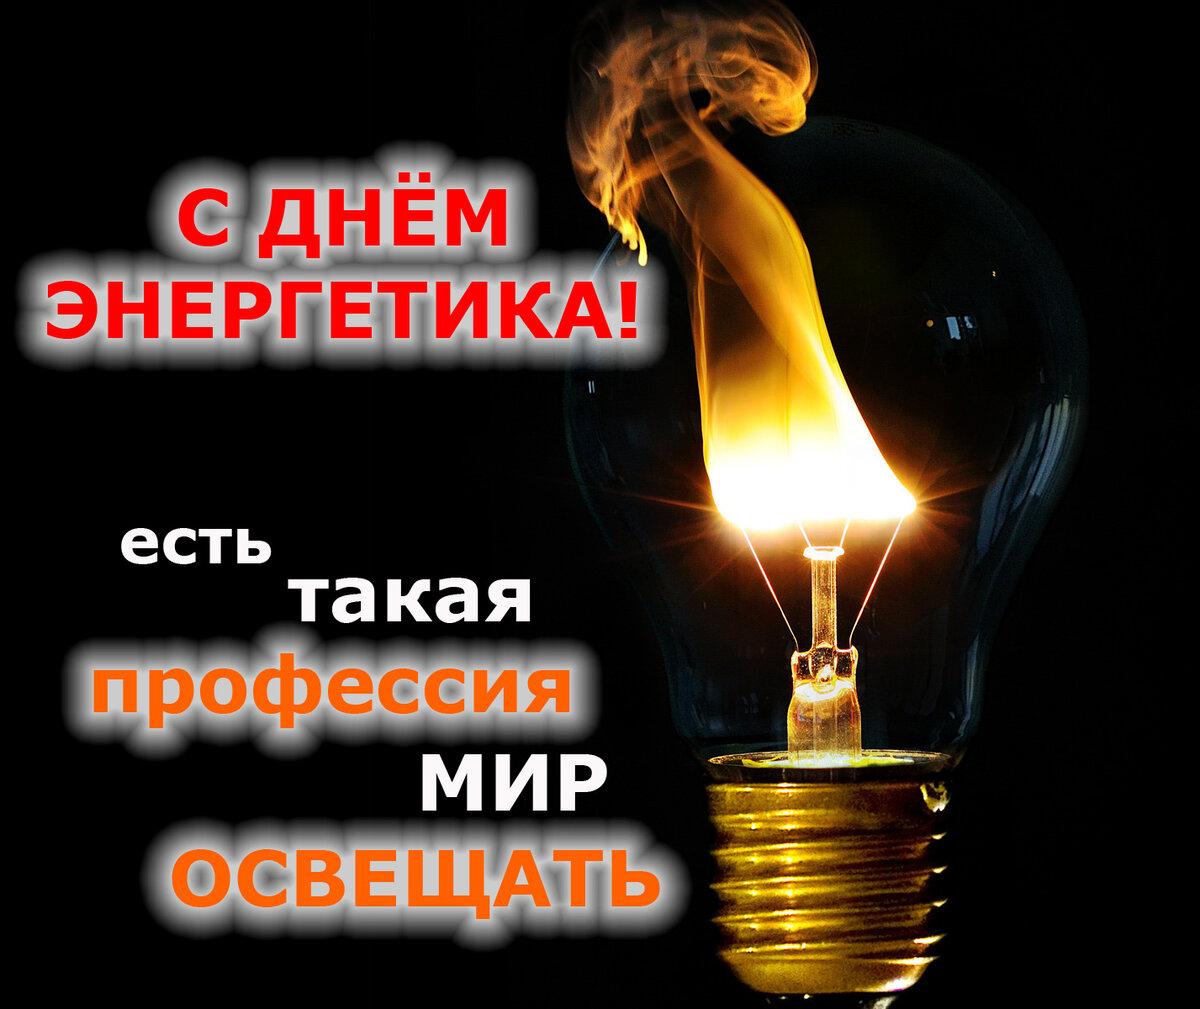 Открытка дню энергетики